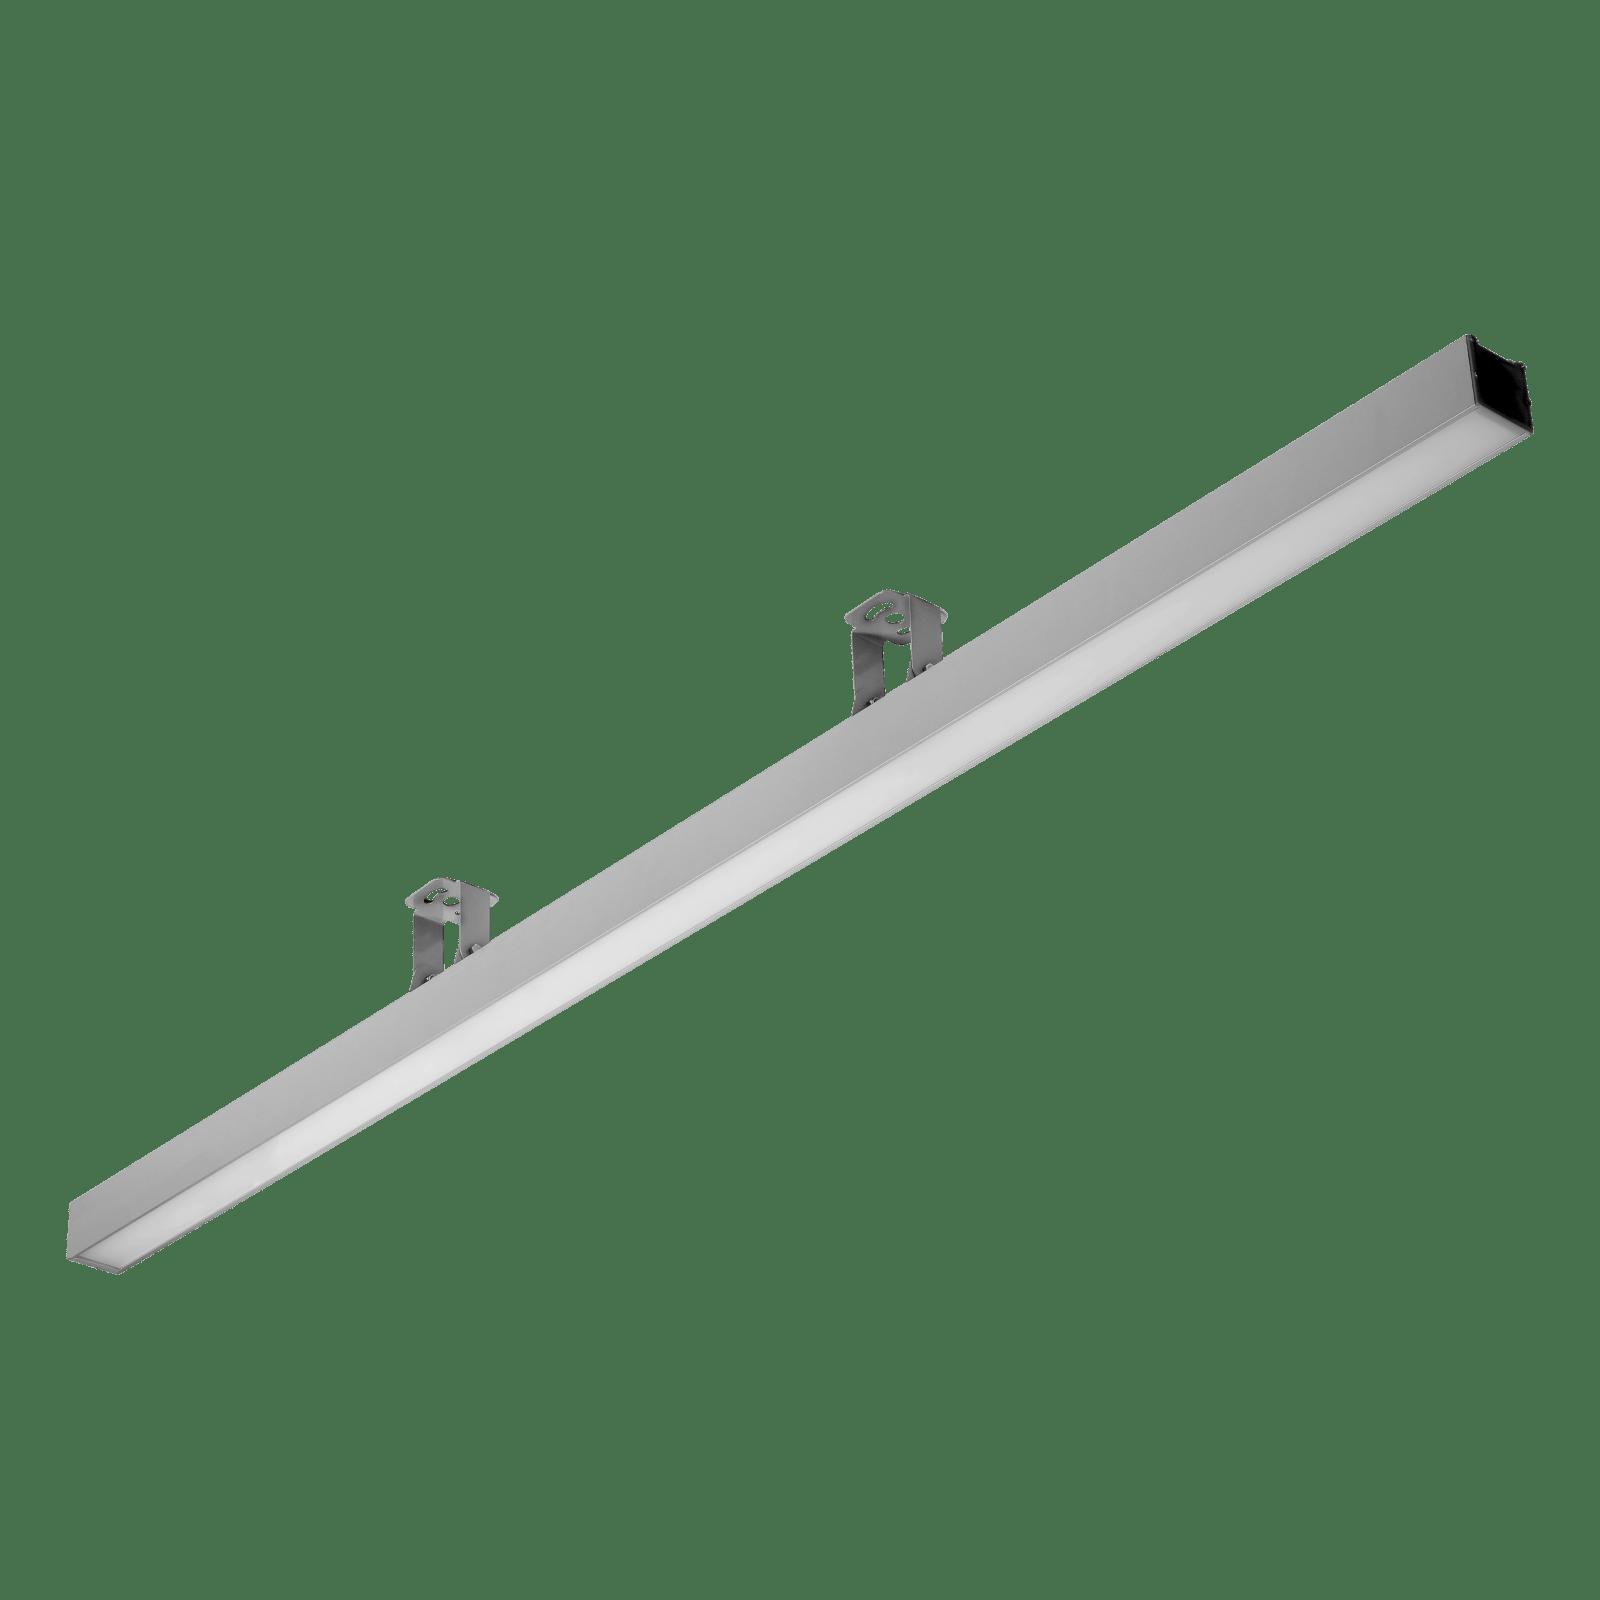 Светодиодный светильник PLO 05-012-5-55 Вт